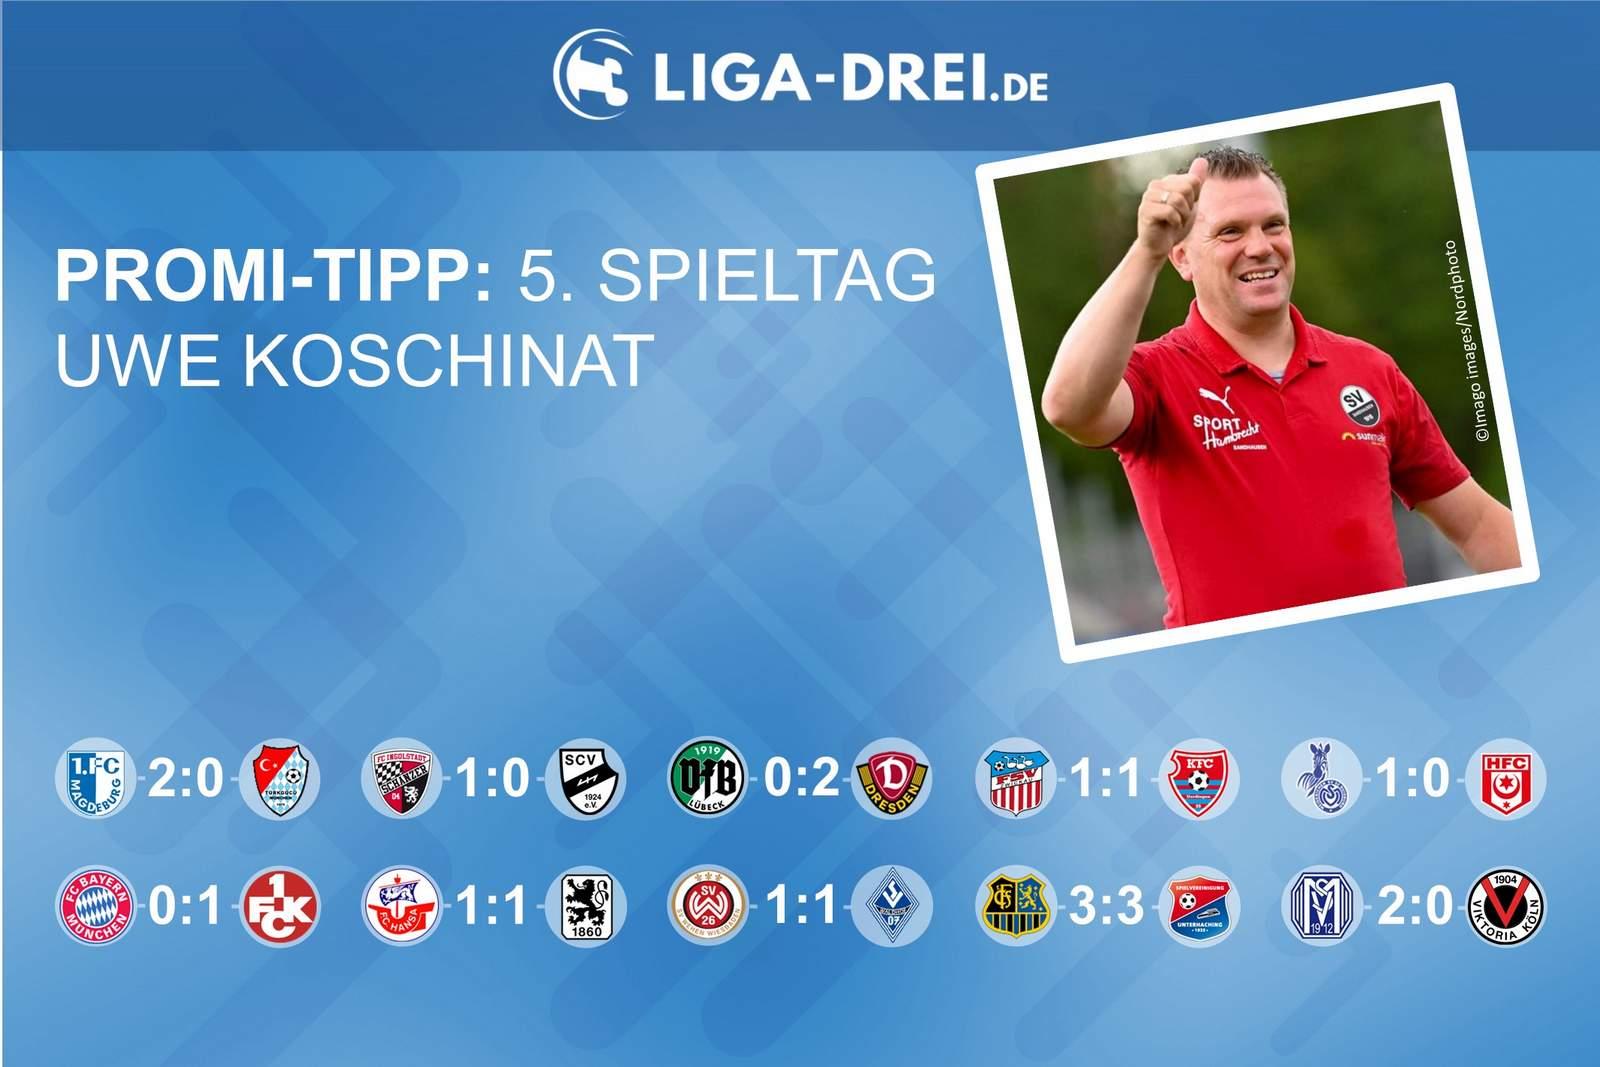 Promi-Tipp 5. Spieltag 2020/21